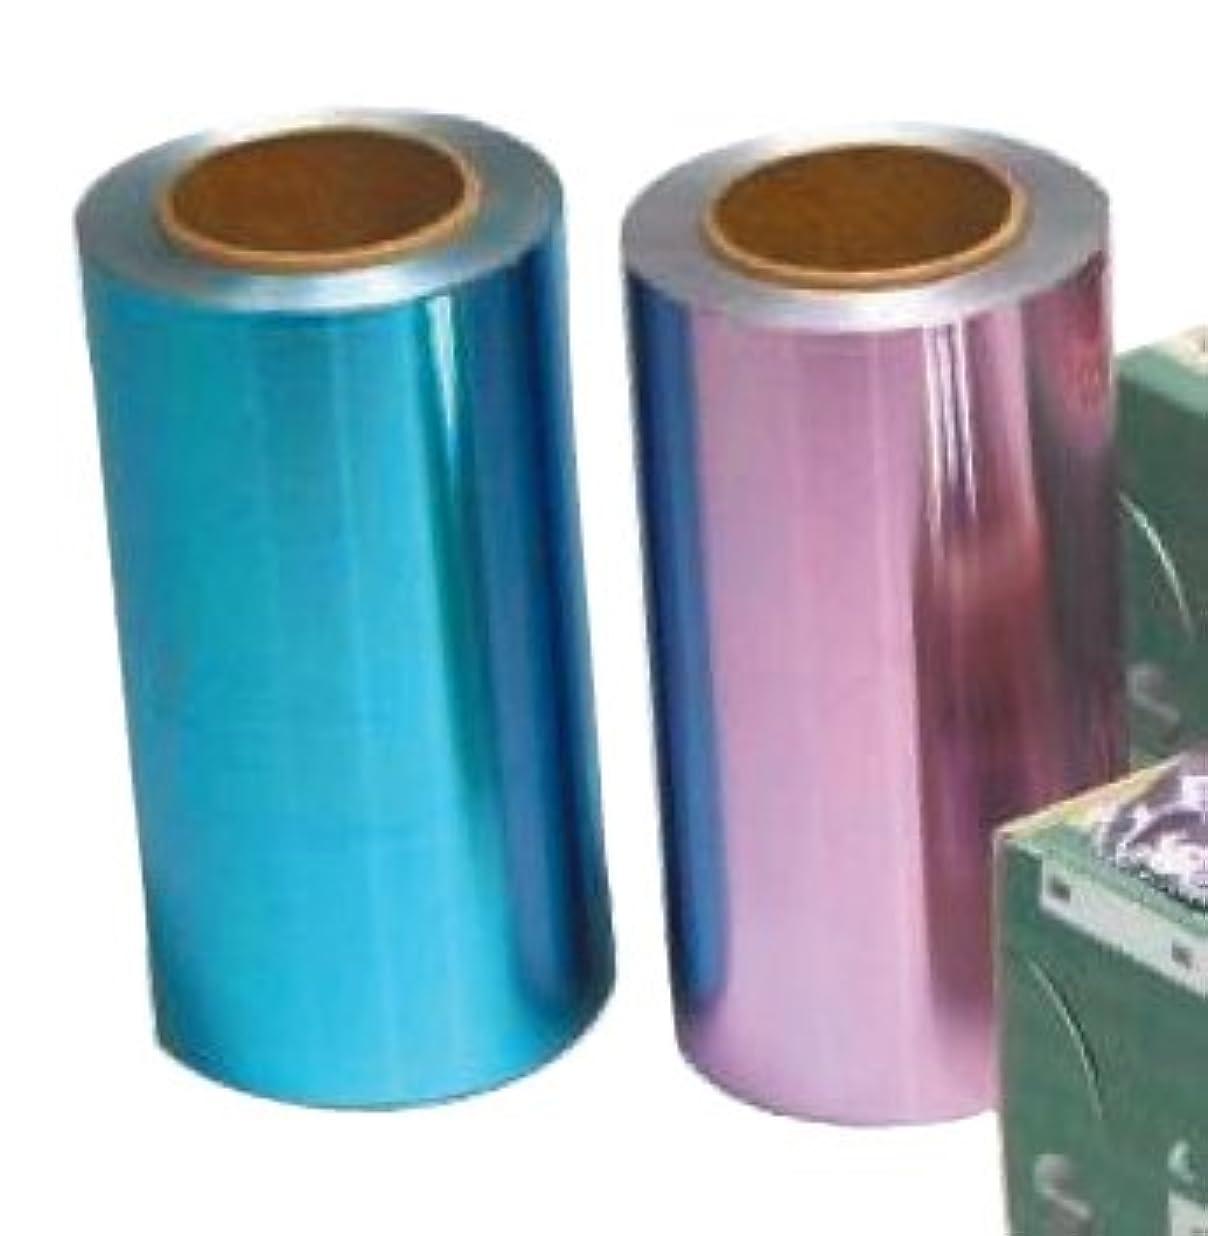 悪化させる効能一方、アイビル AIVIL / エコホイル カラー ピンク